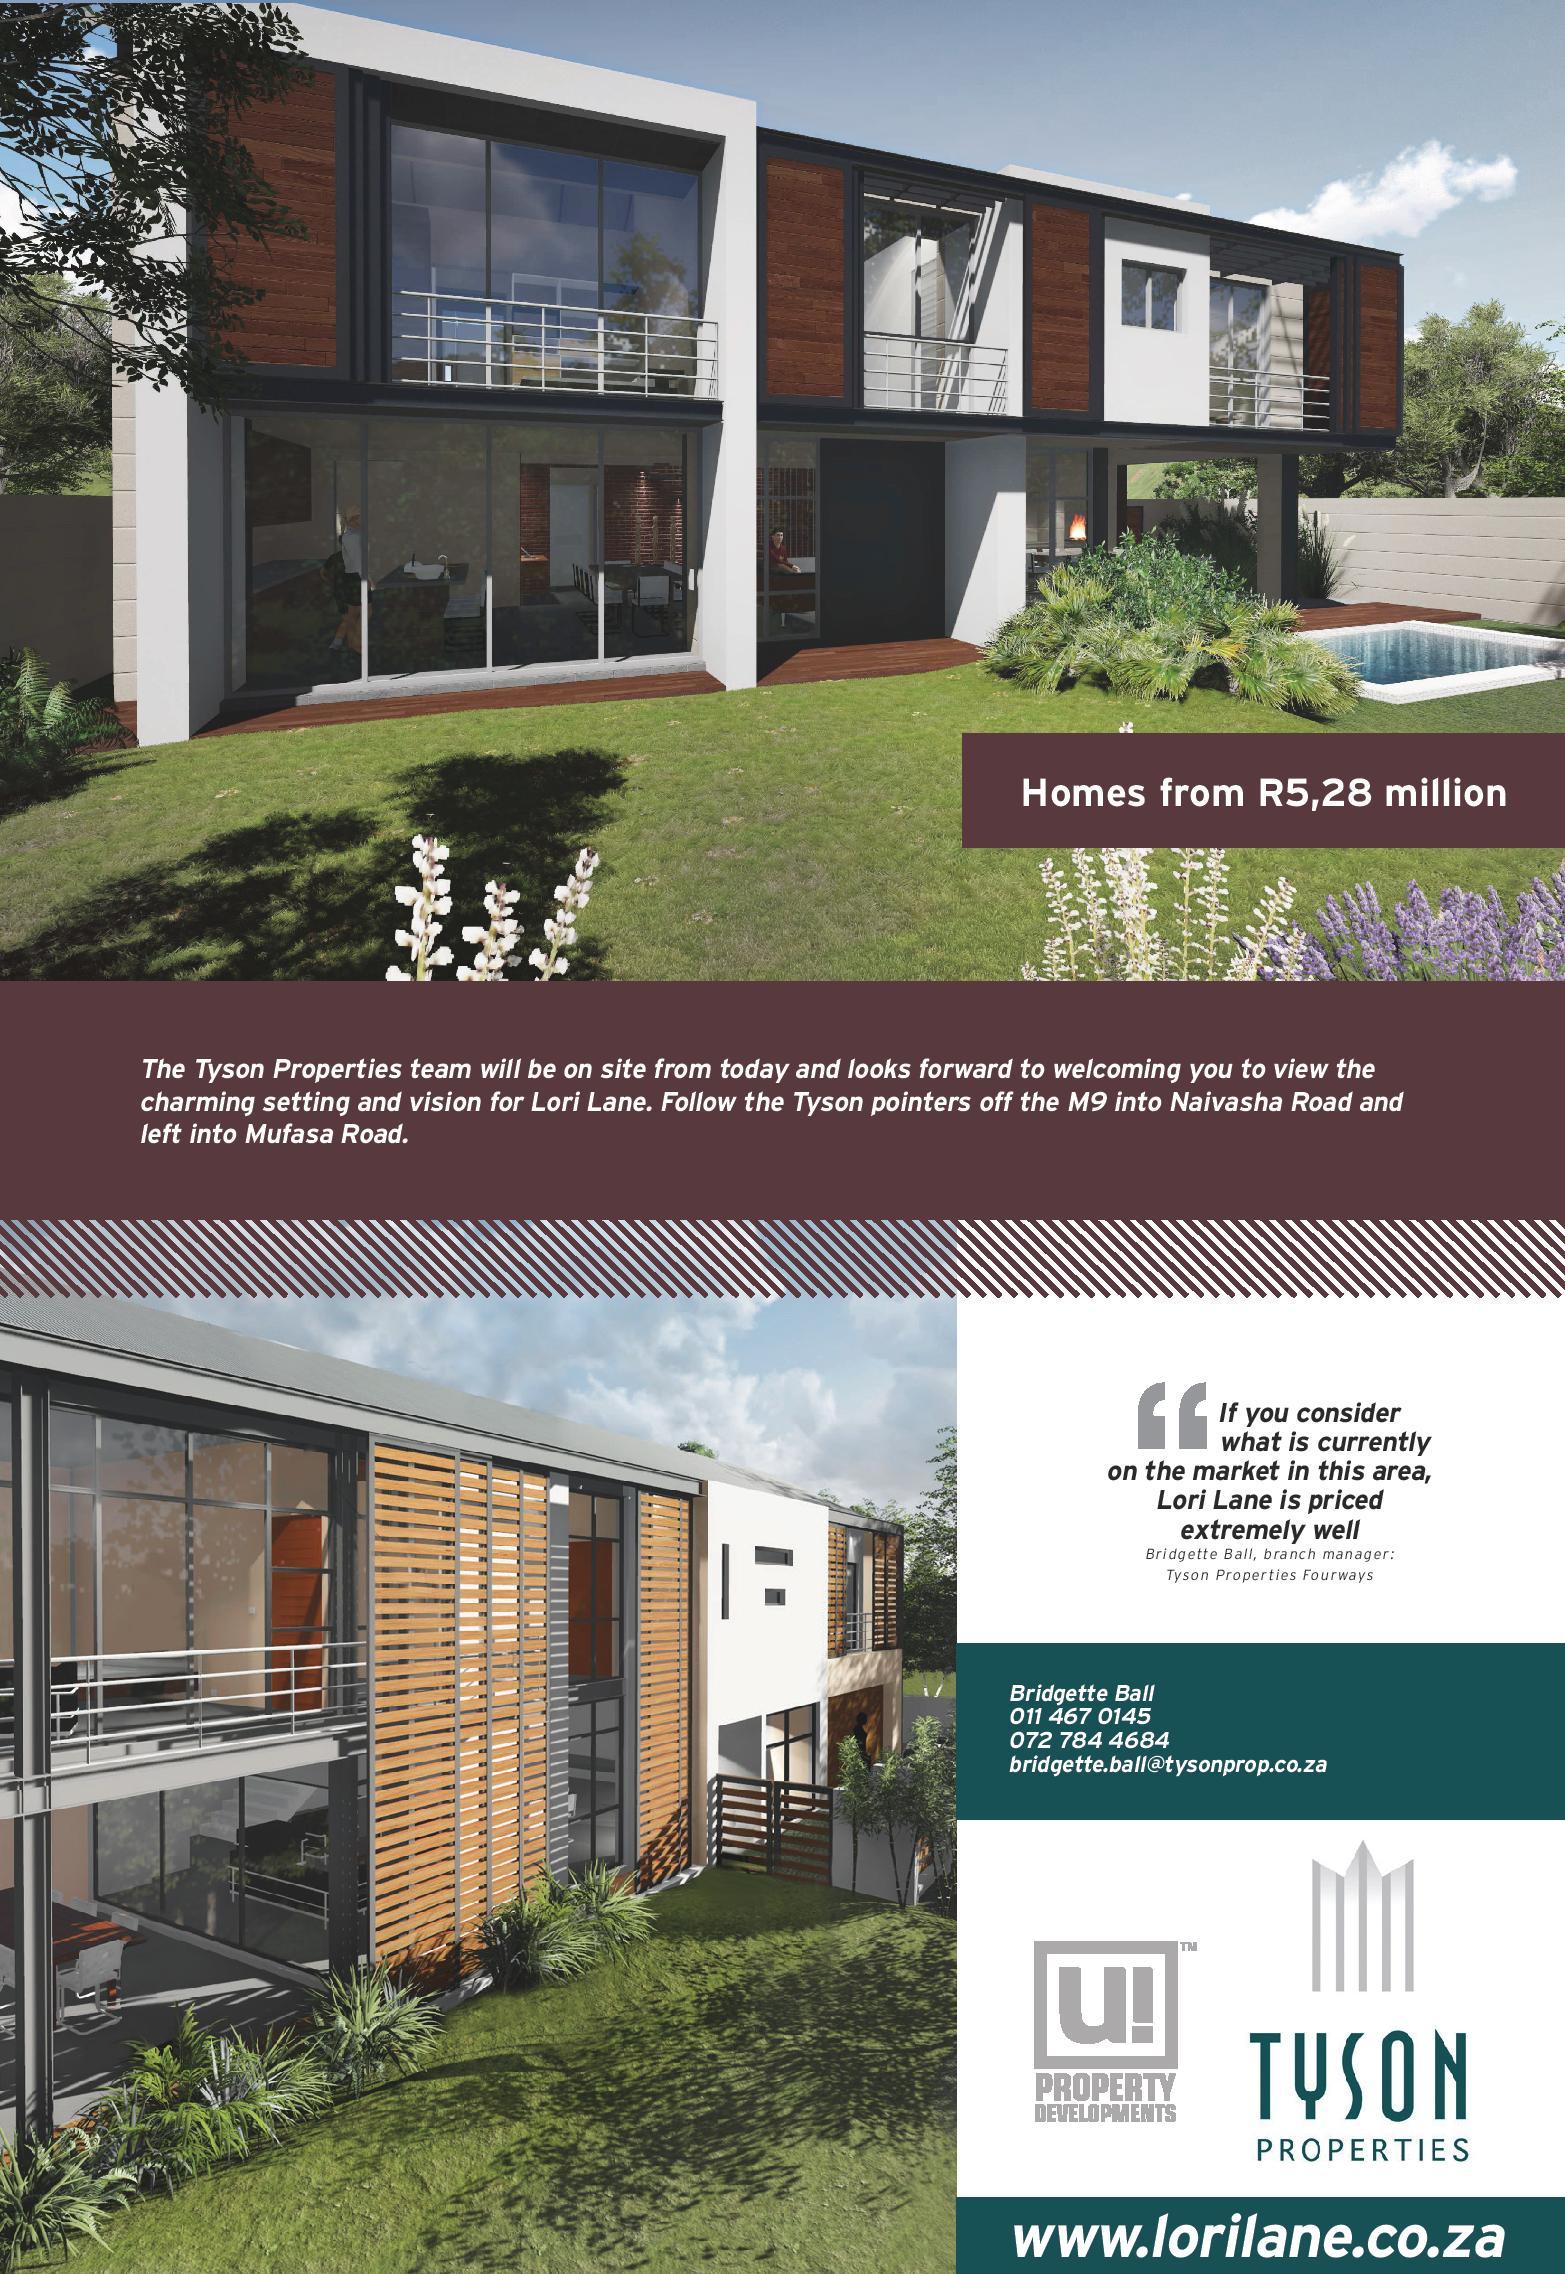 NHJfri02902-page-001